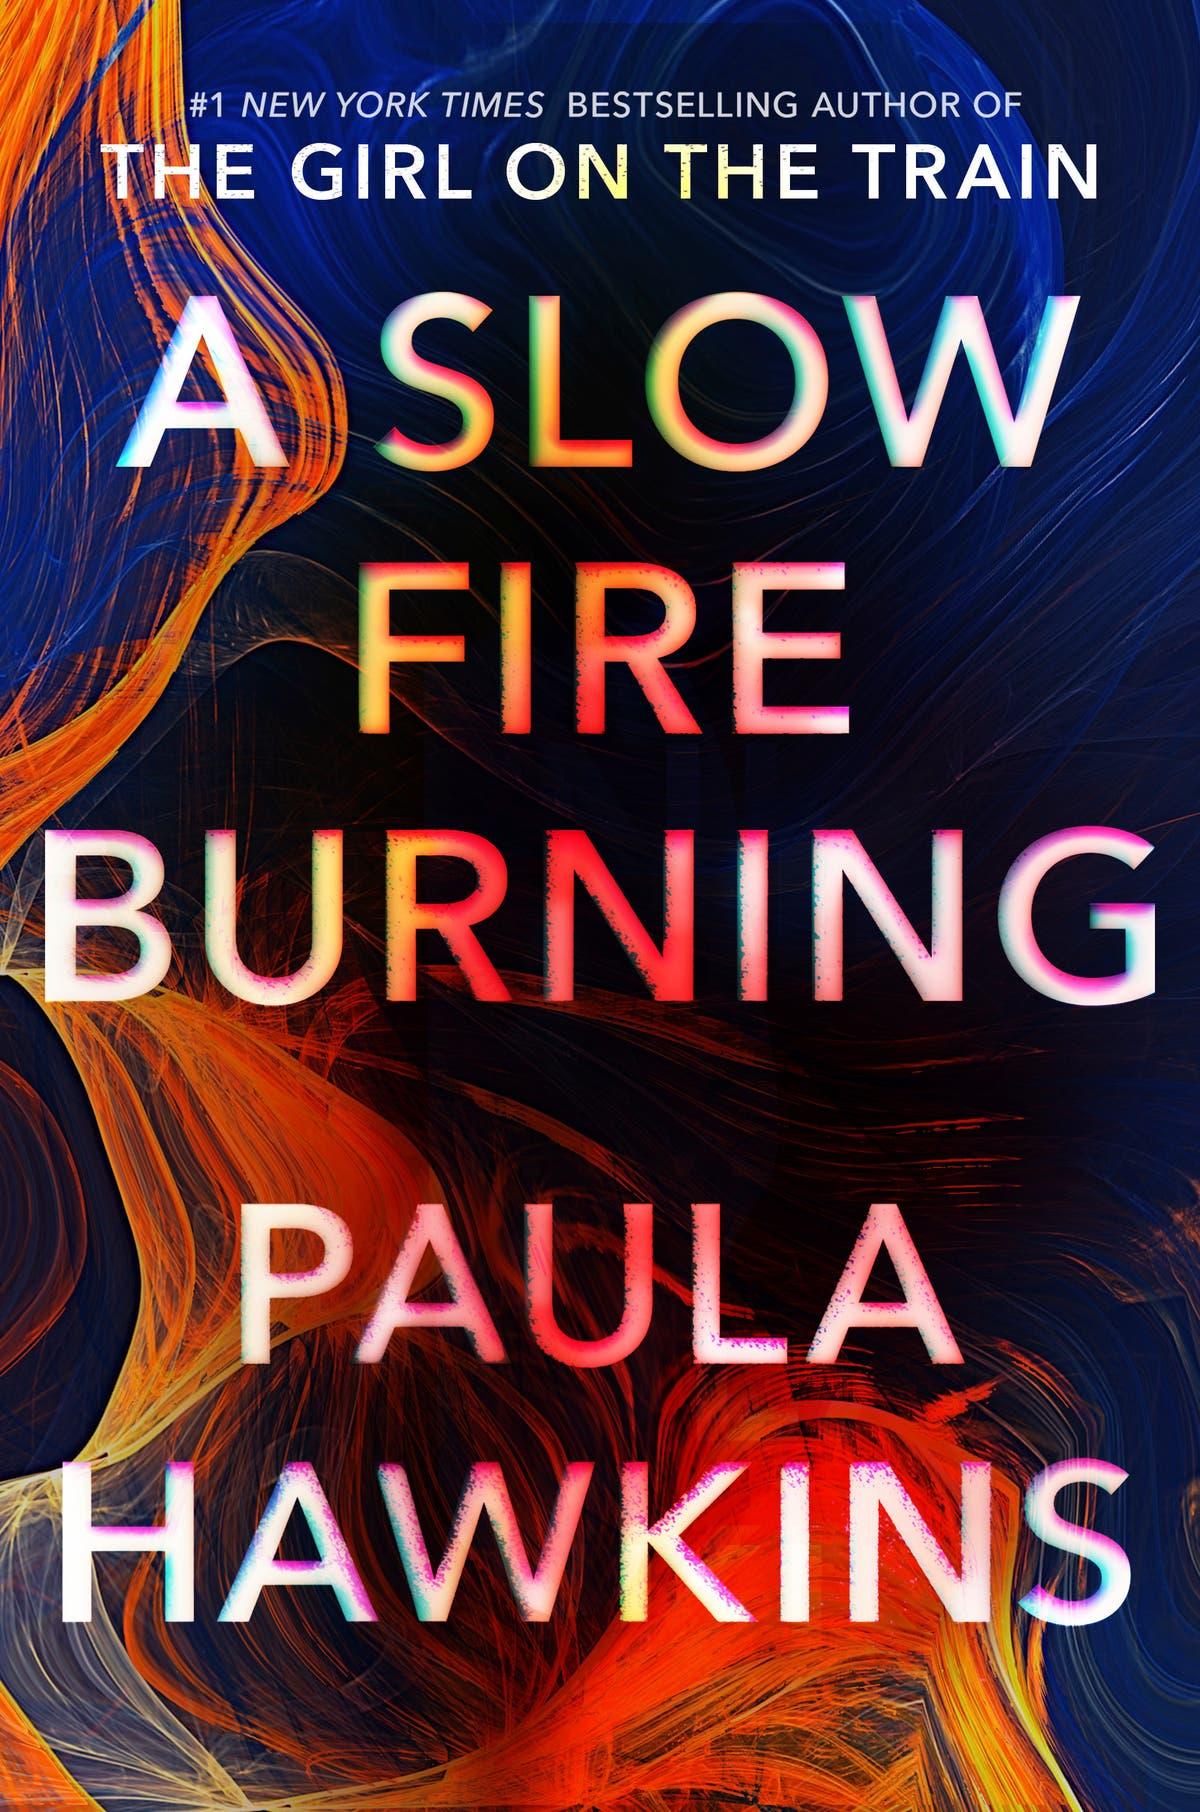 审查: Hawkins' 'A Slow Fire Burning' simmers to the end